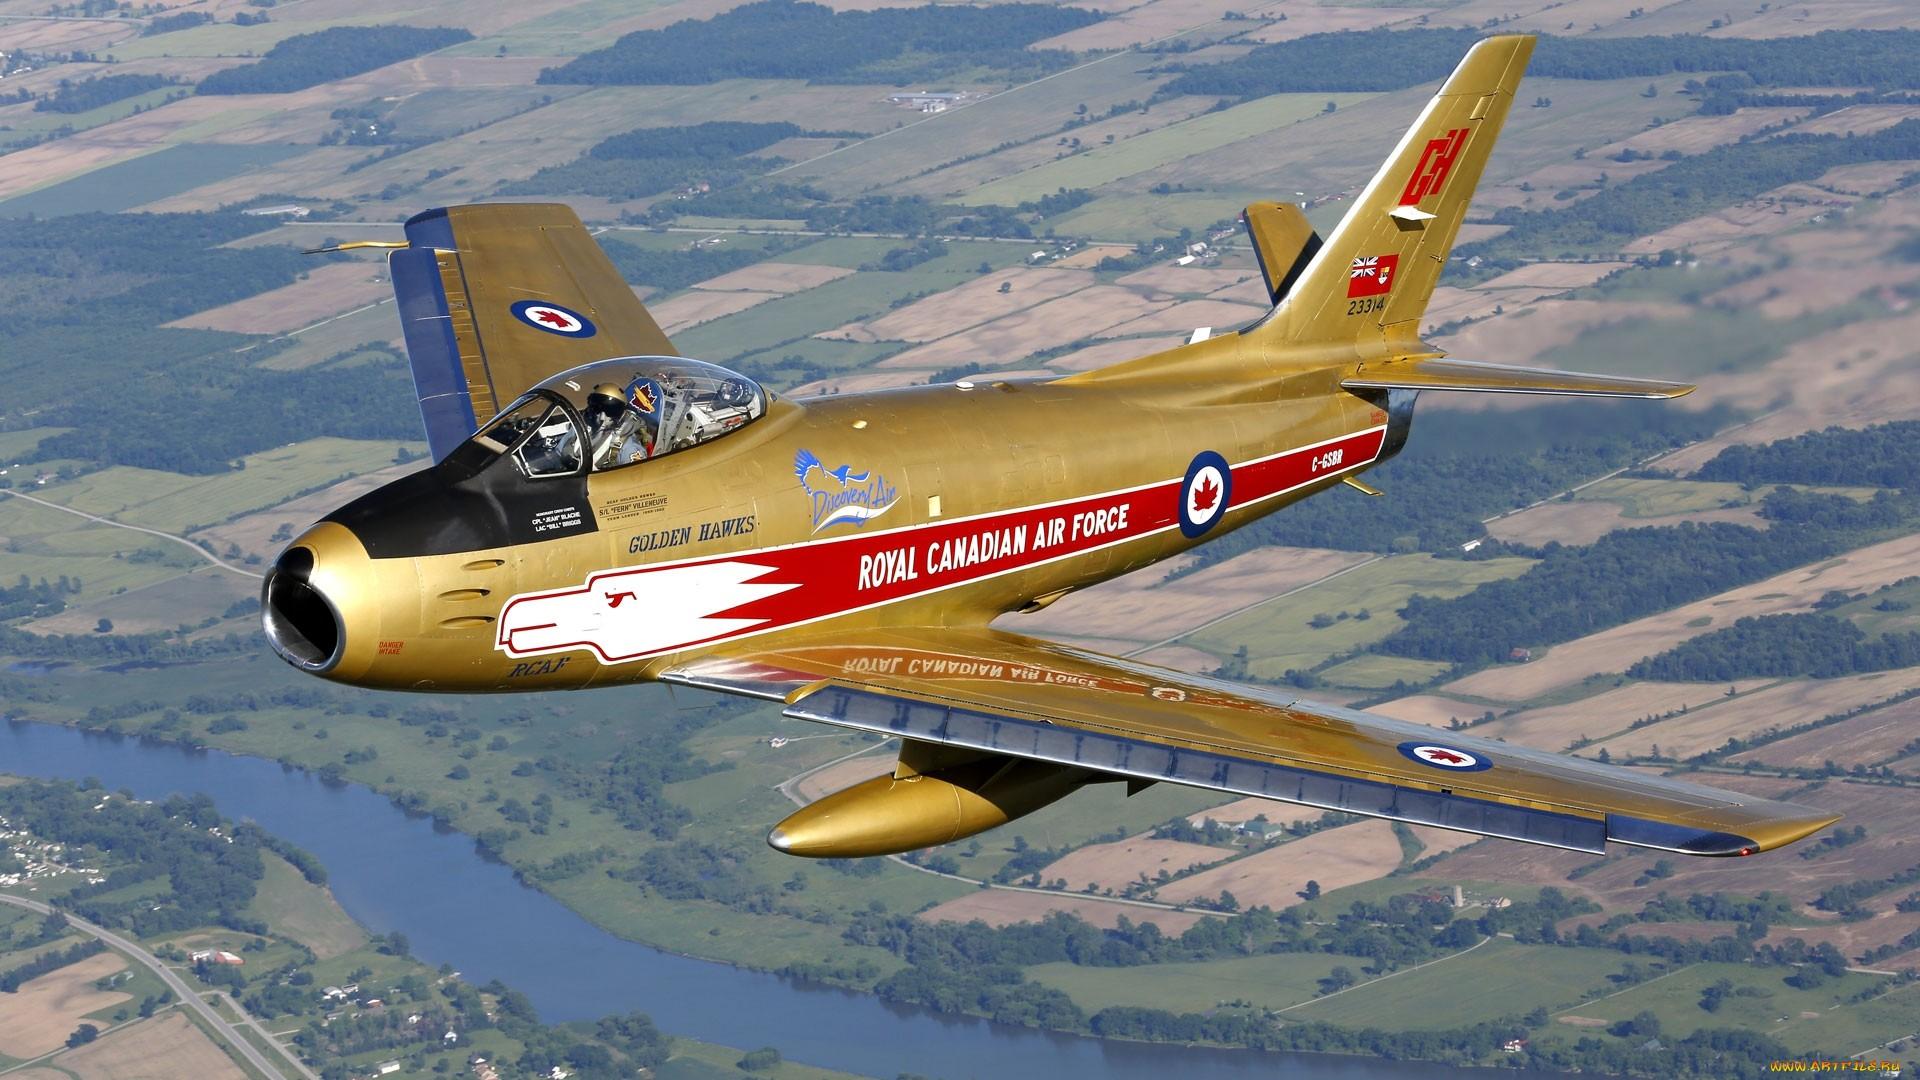 Американский истребитель F-86 Сэйбр Главный соперник МиГ-15 в корейской войне Данный самолёт принадлежит ВВС Канады